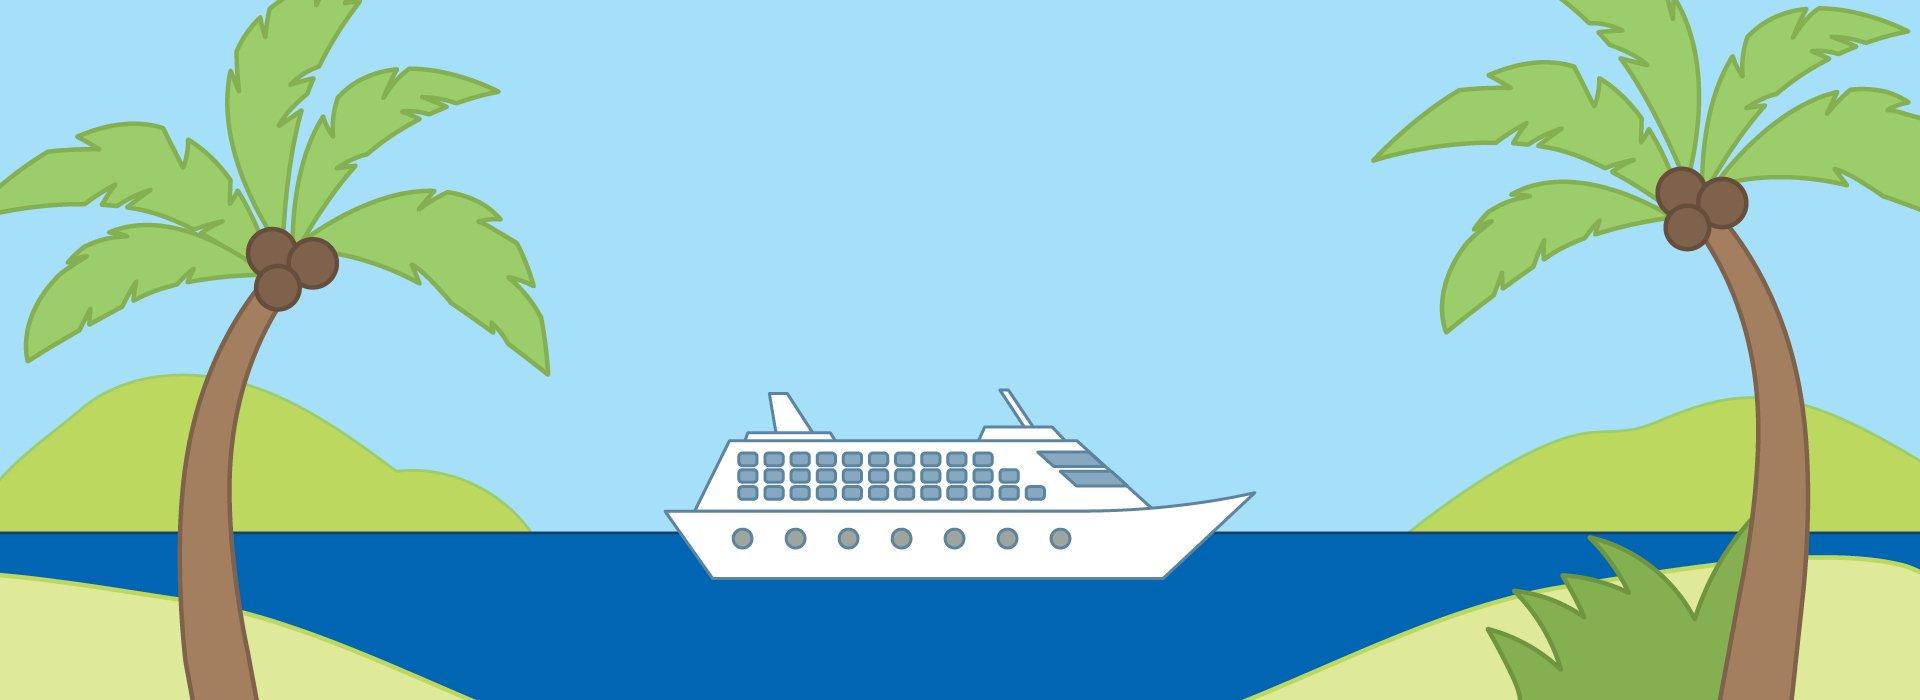 audika_cruisepromo_webbanner_landing_sep19_test